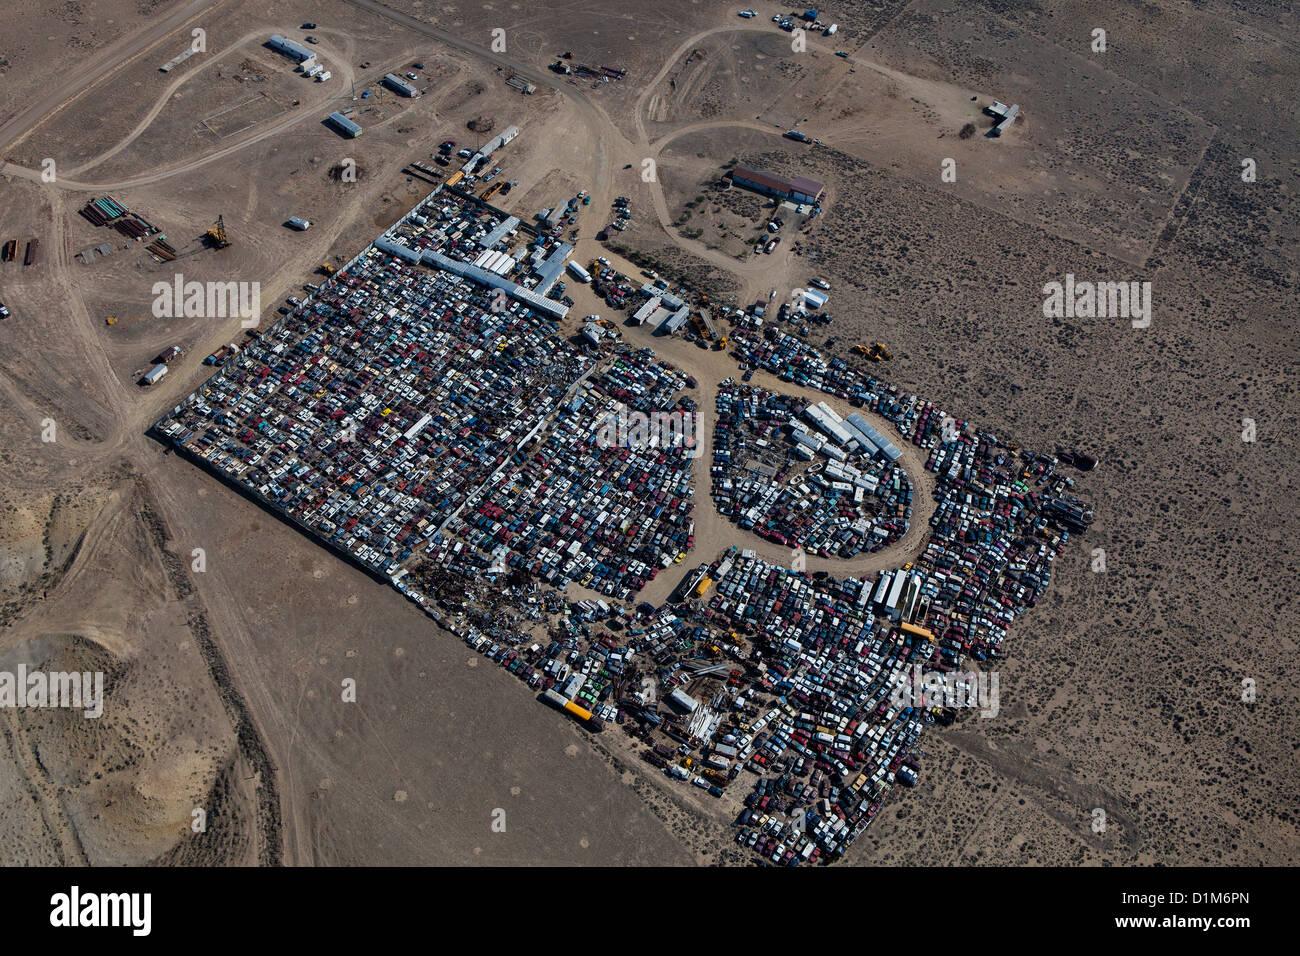 Photographie aérienne du sud du Wyoming casse automobile Photo Stock